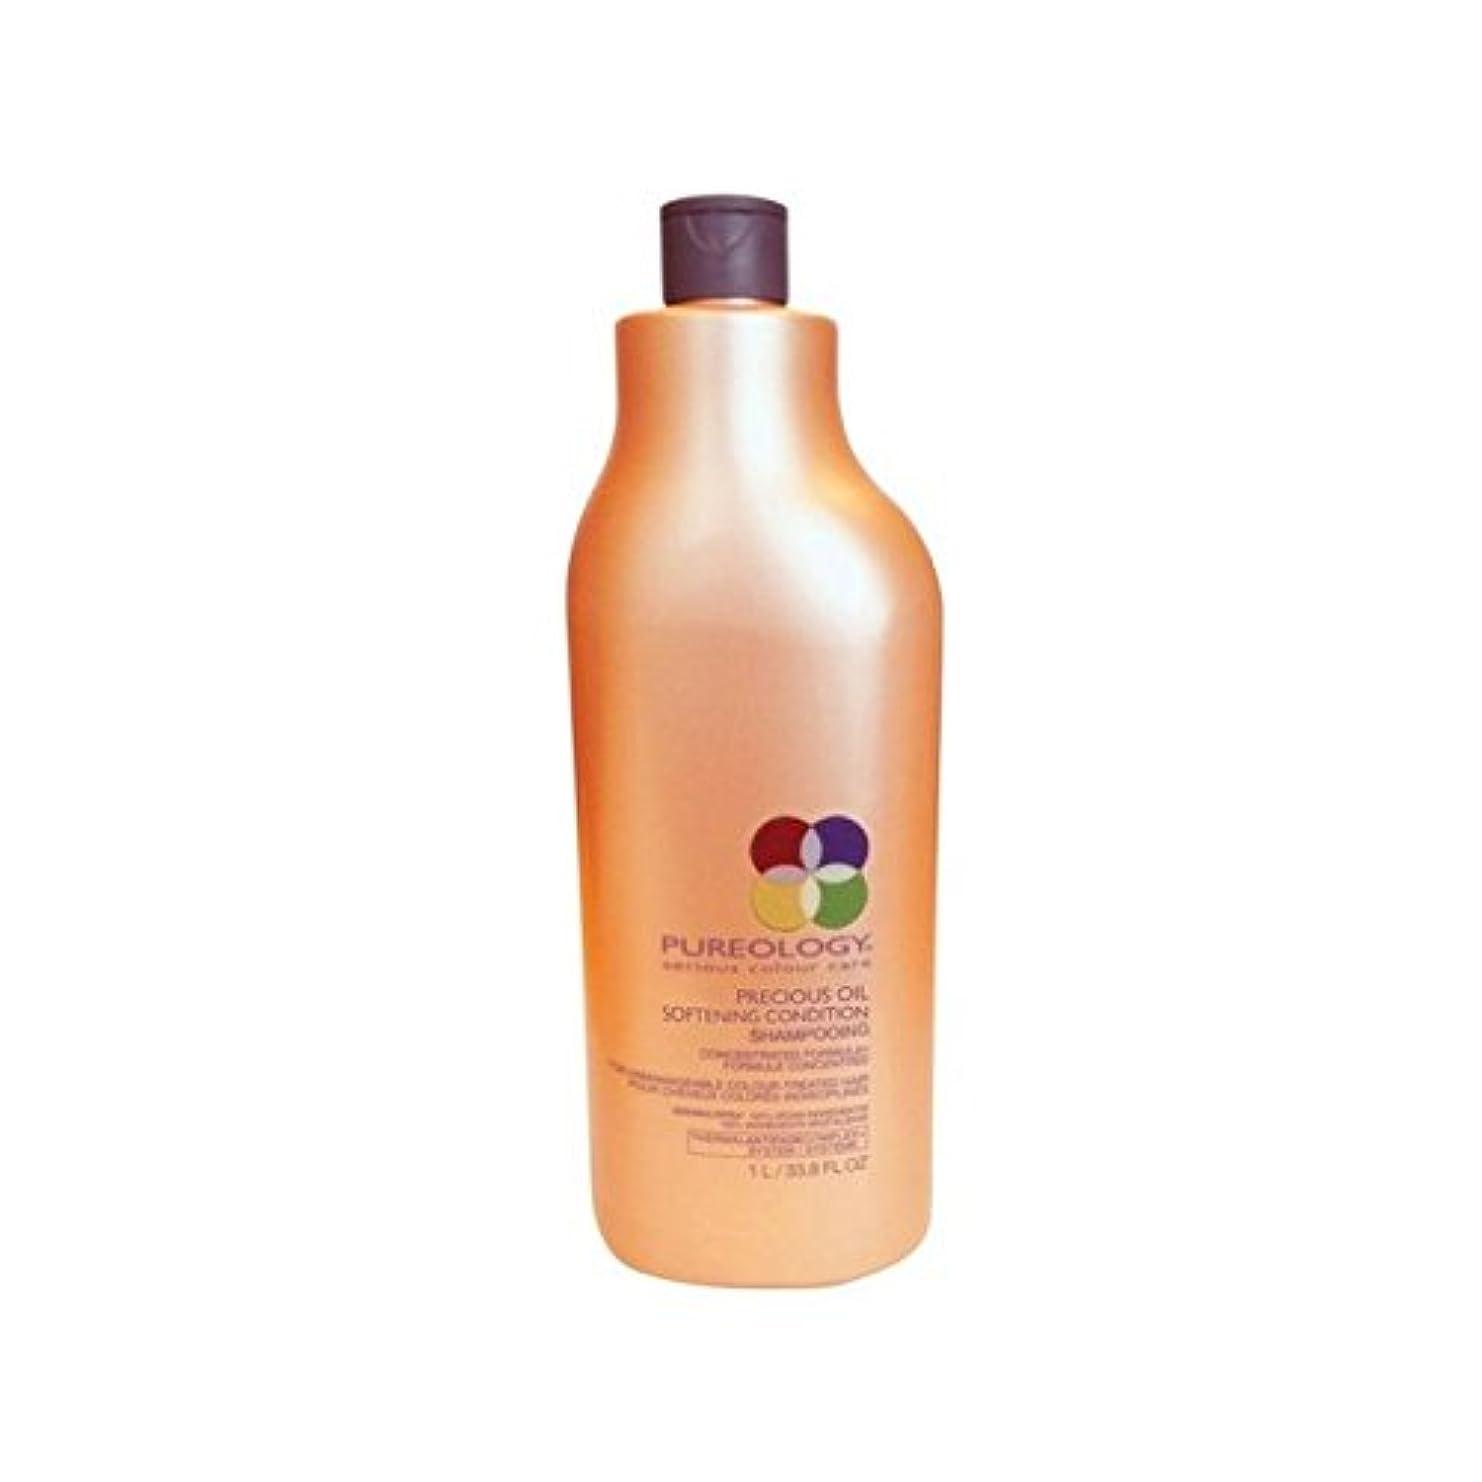 変色するギネス執着貴重なオイルコンディショナー(千ミリリットル) x4 - Pureology Precious Oil Conditioner (1000ml) (Pack of 4) [並行輸入品]